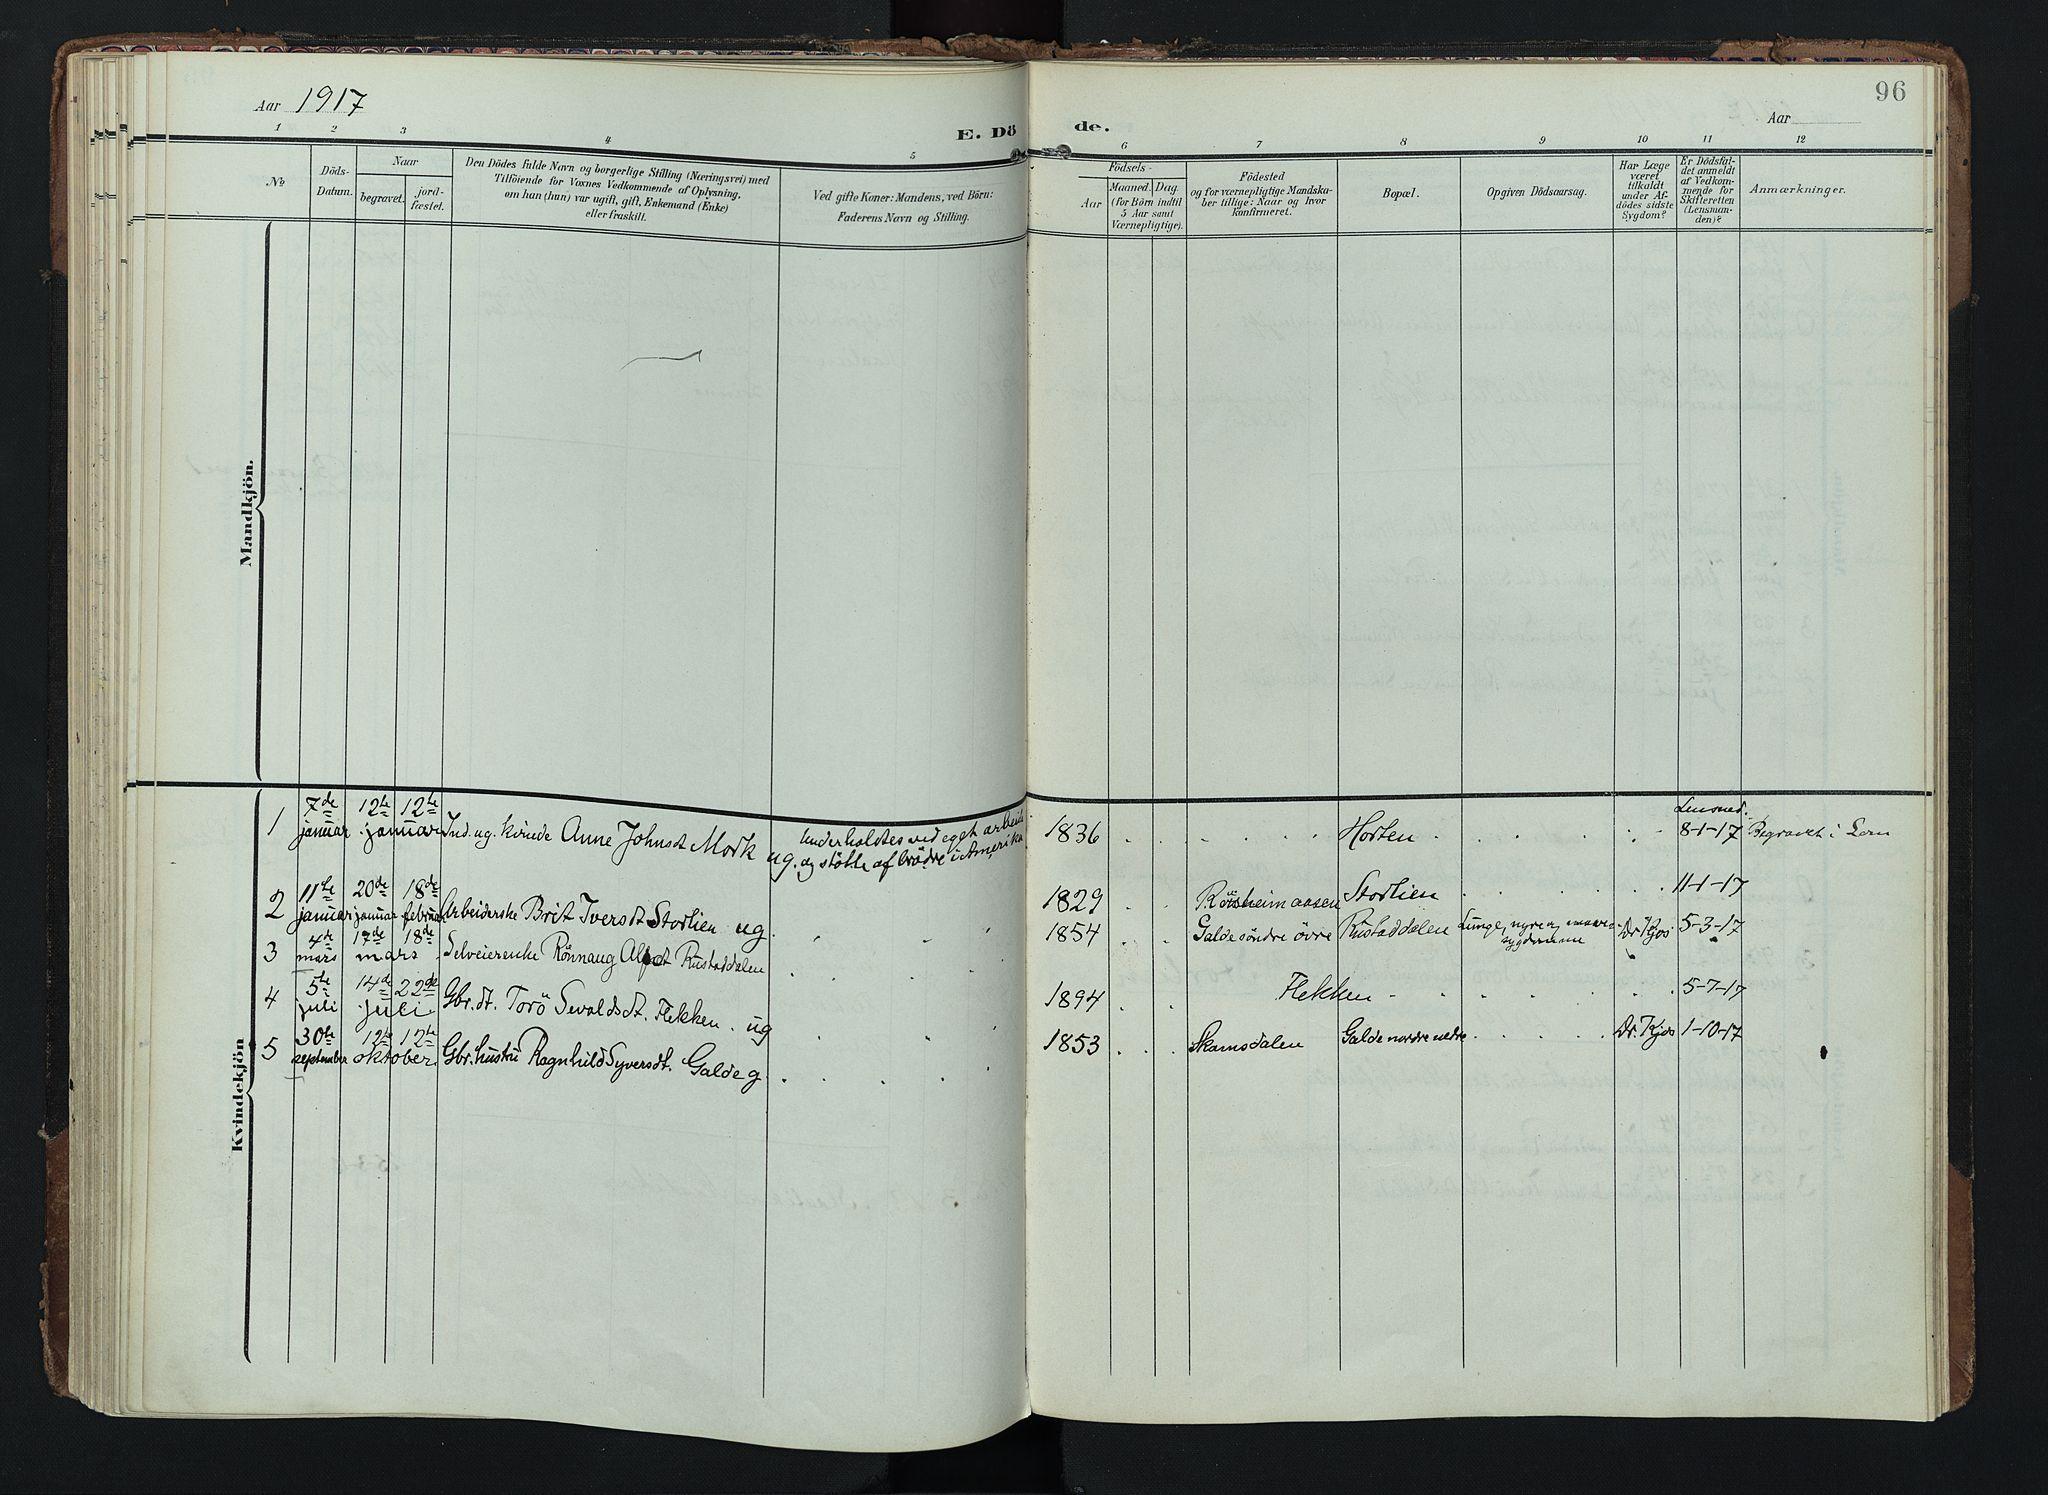 SAH, Lom prestekontor, K/L0012: Ministerialbok nr. 12, 1904-1928, s. 96